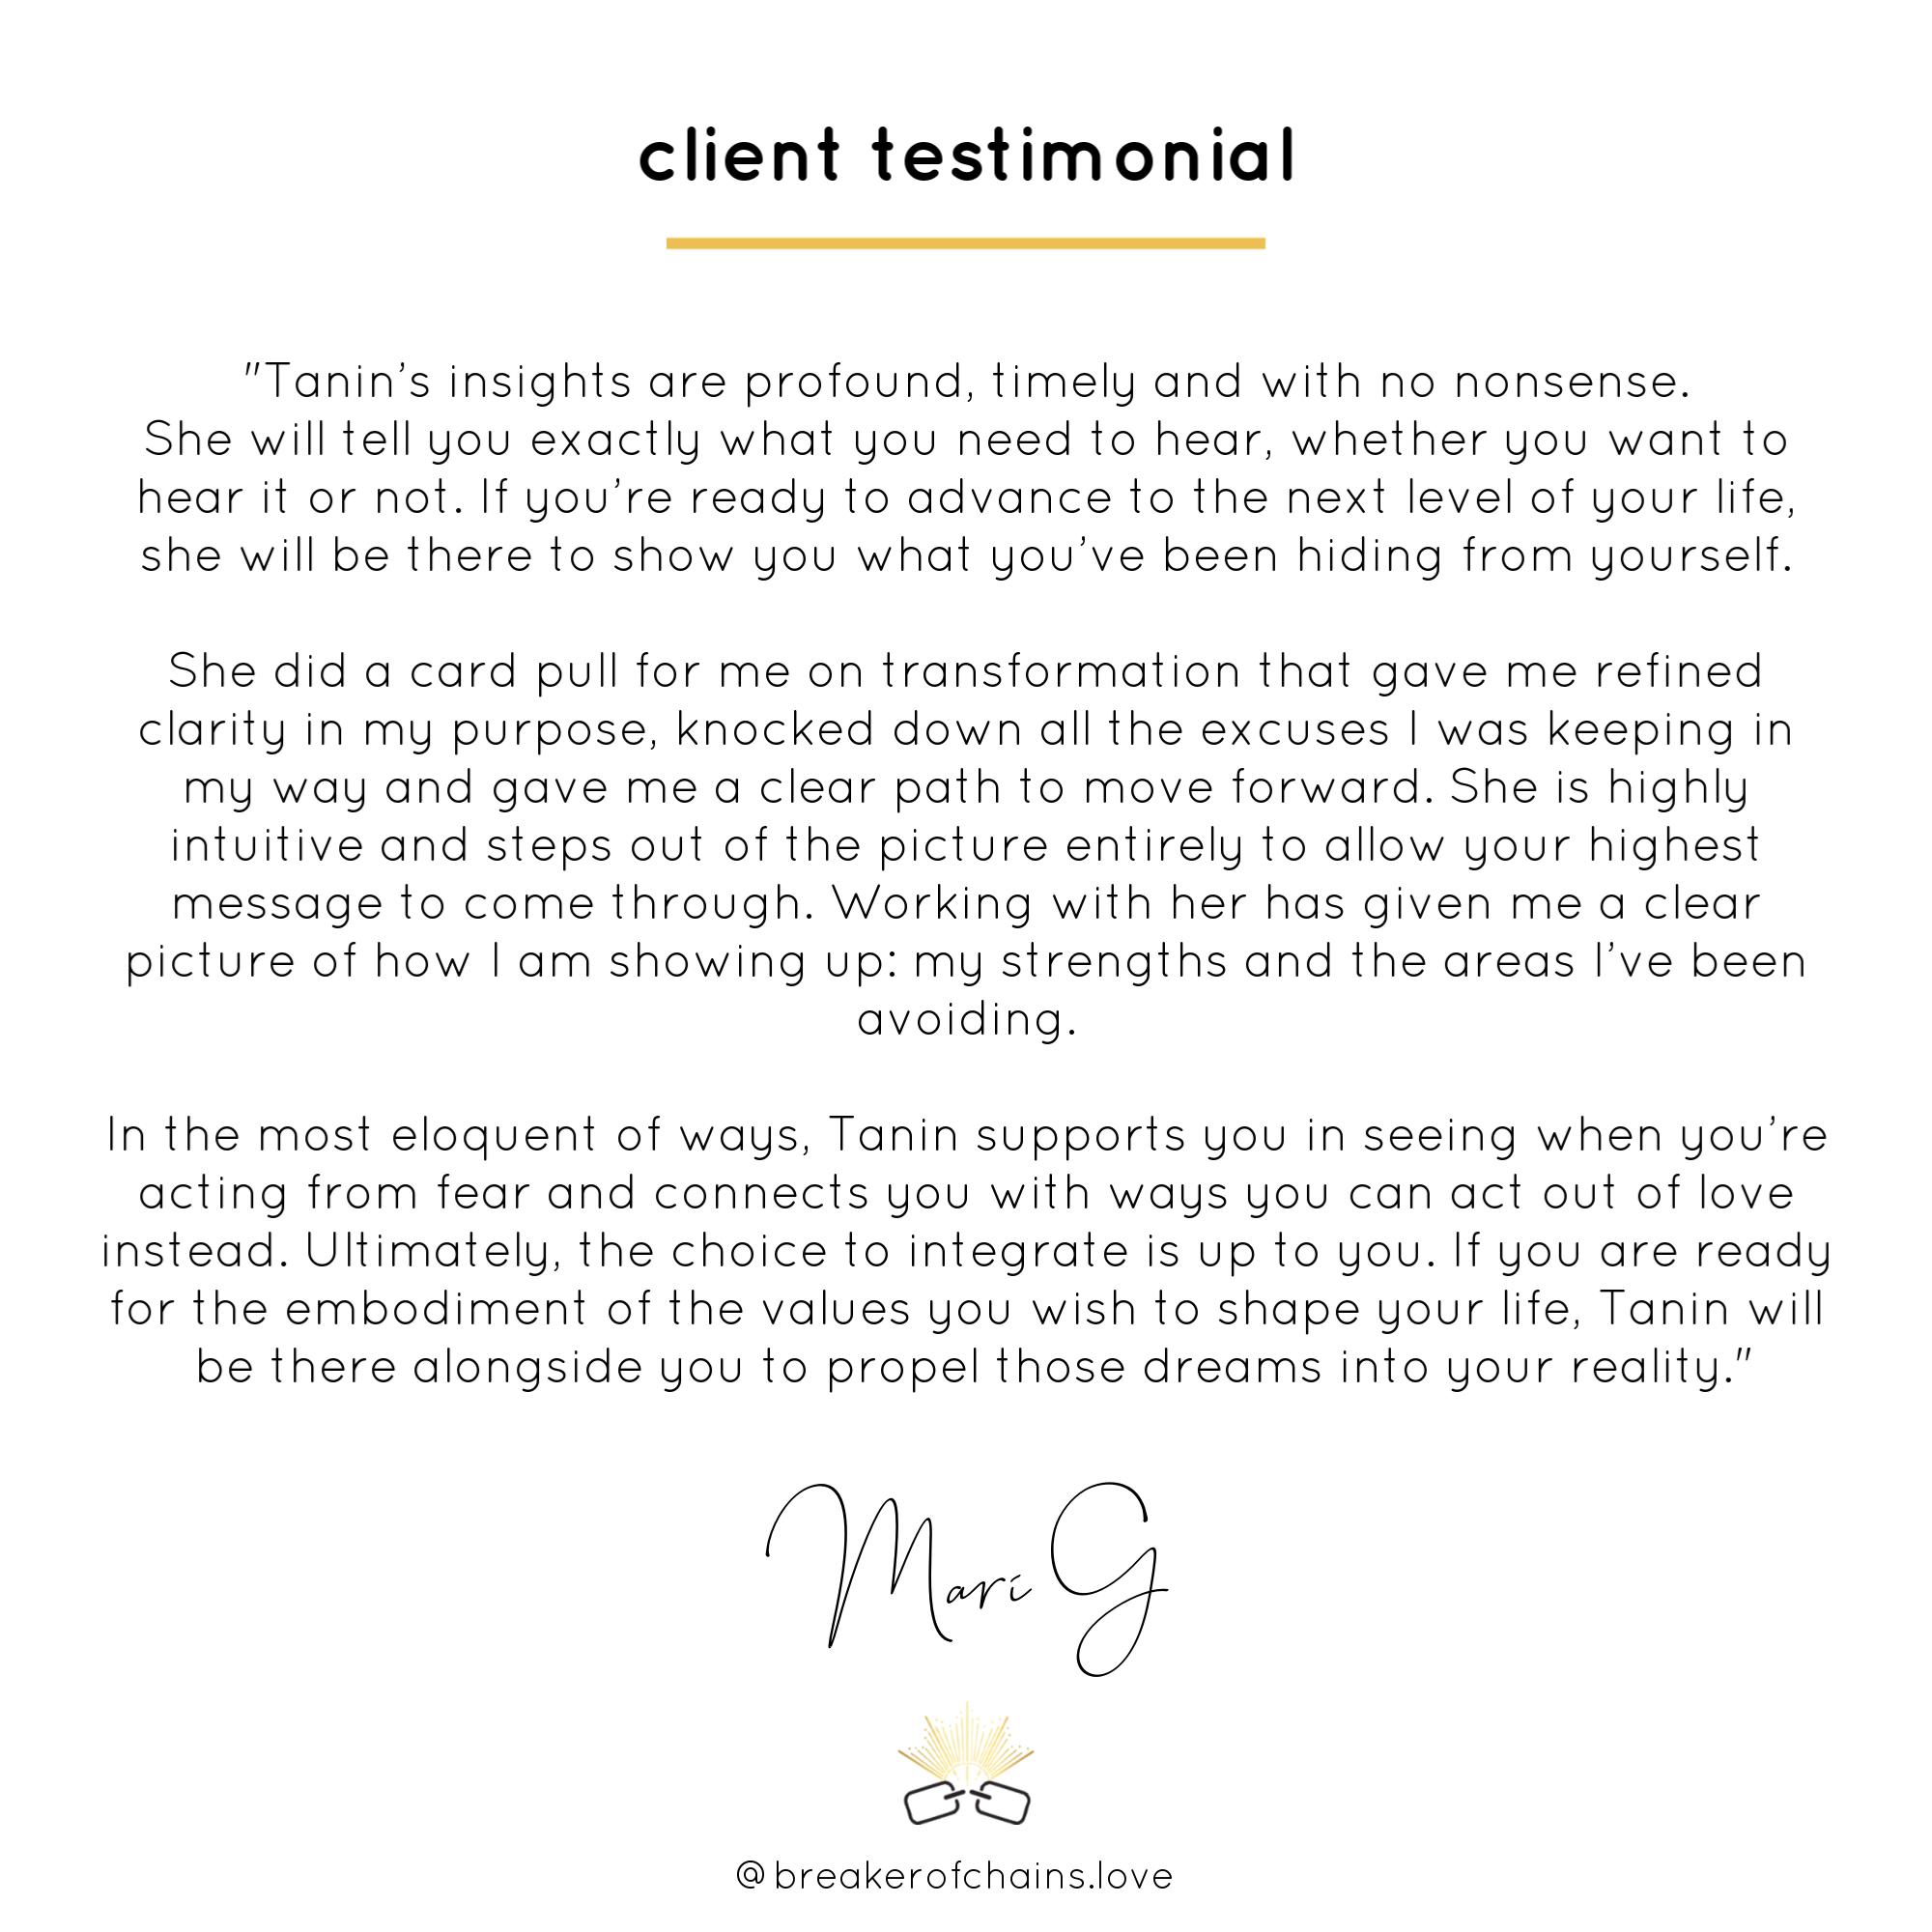 MariG_Testimonial_Website.png